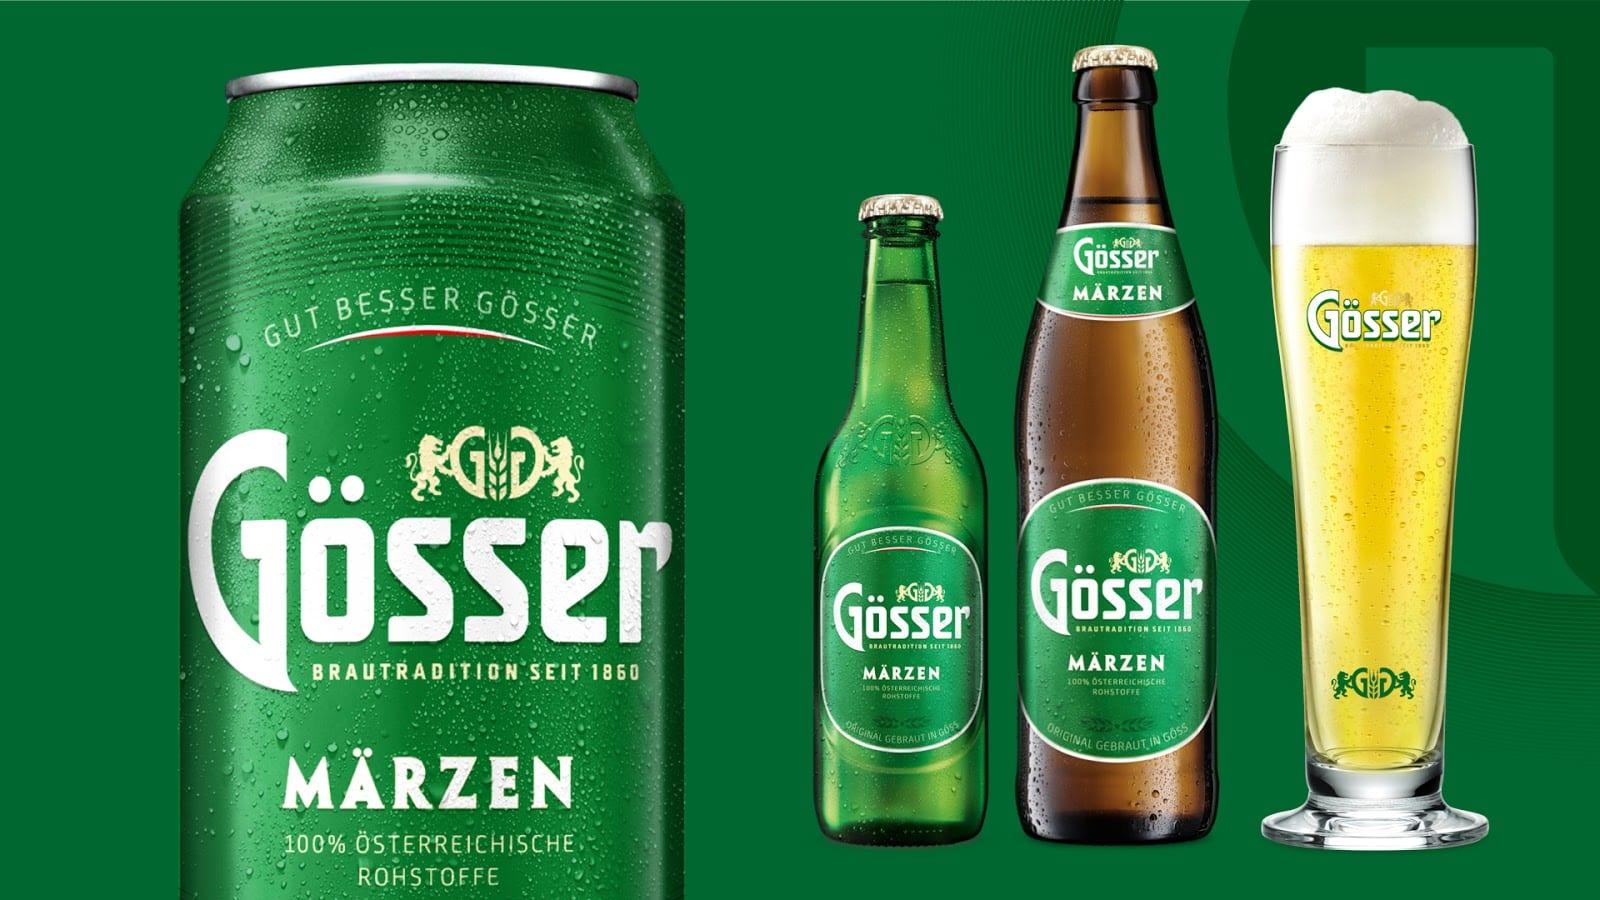 gosser 04 newcorelineup - Vizuální redesign rakouské značky Gösser